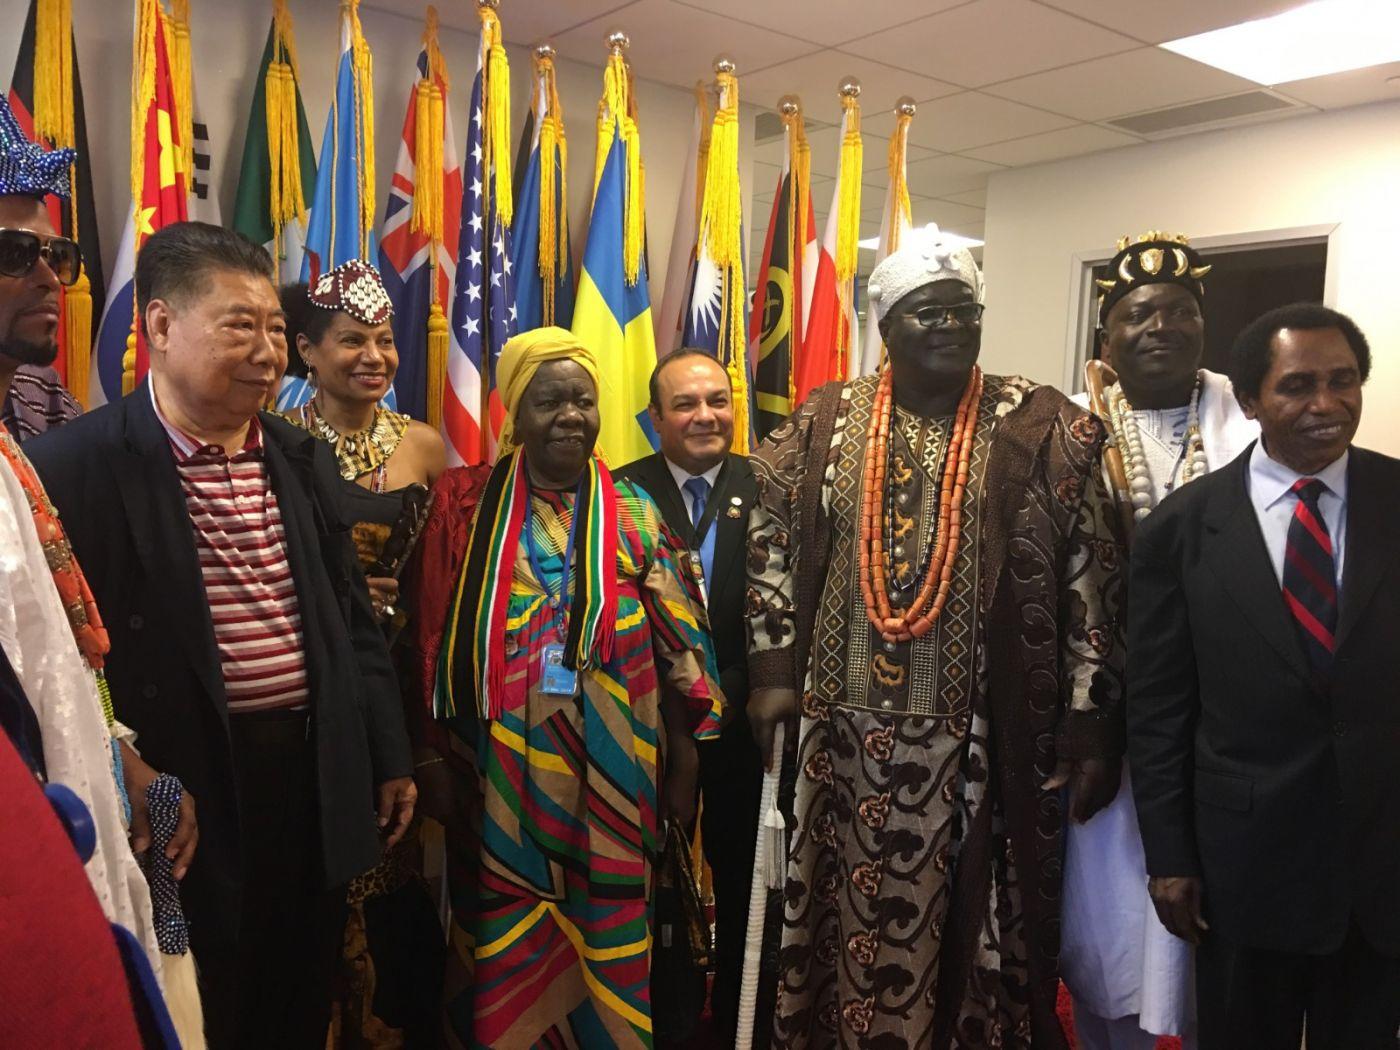 聯合國中華媽祖文化發展基金會受邀参加聯合國納尔遜.曼德拉国际日的一系列活动 ..._图1-6